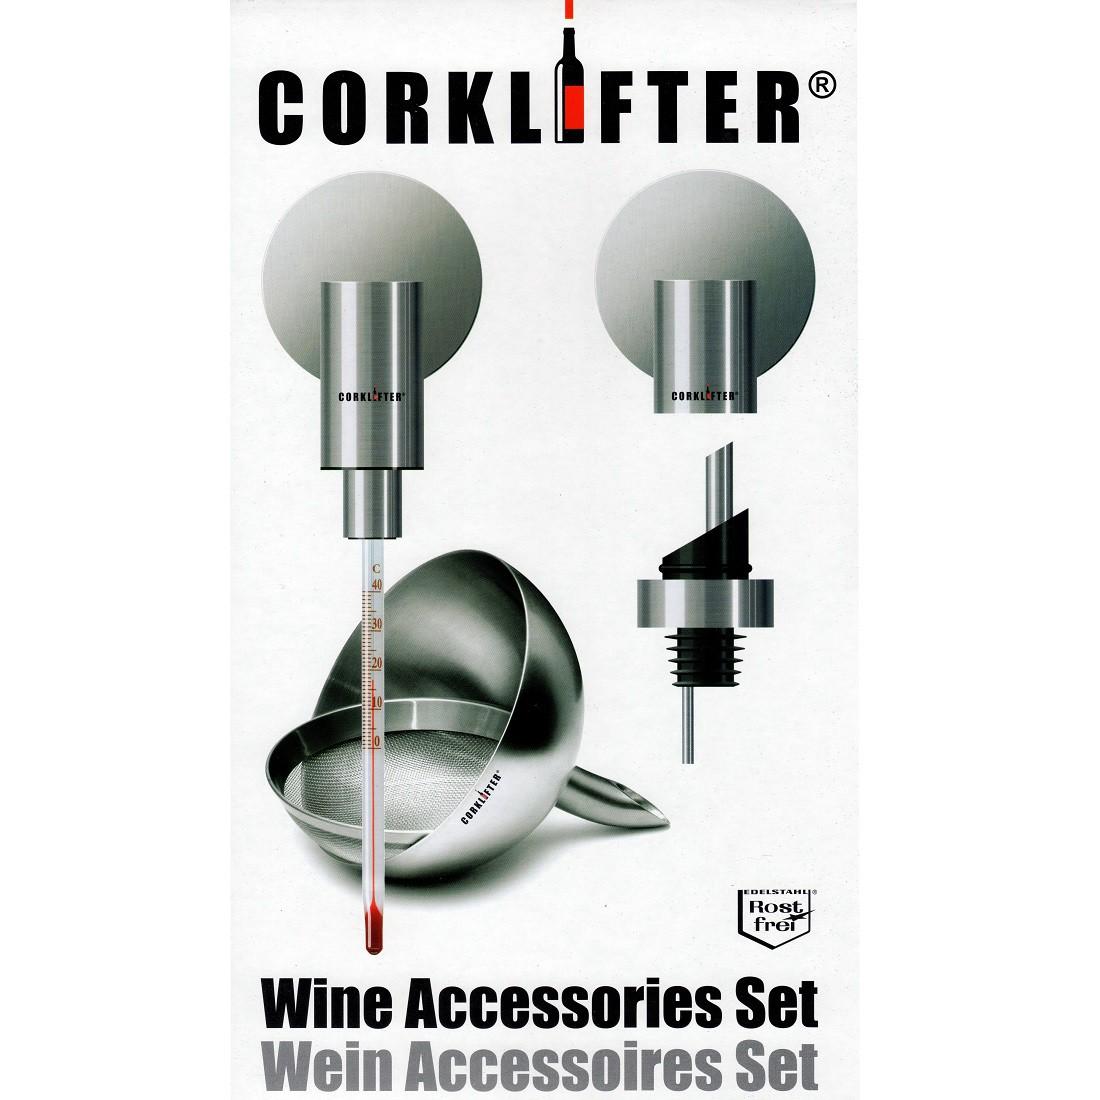 CORKLIFTER CL 15 Wein Set mit Weinthermometer, Flaschenstopfen mit Ausgiesser und Dekantiertrichter mit Sieb